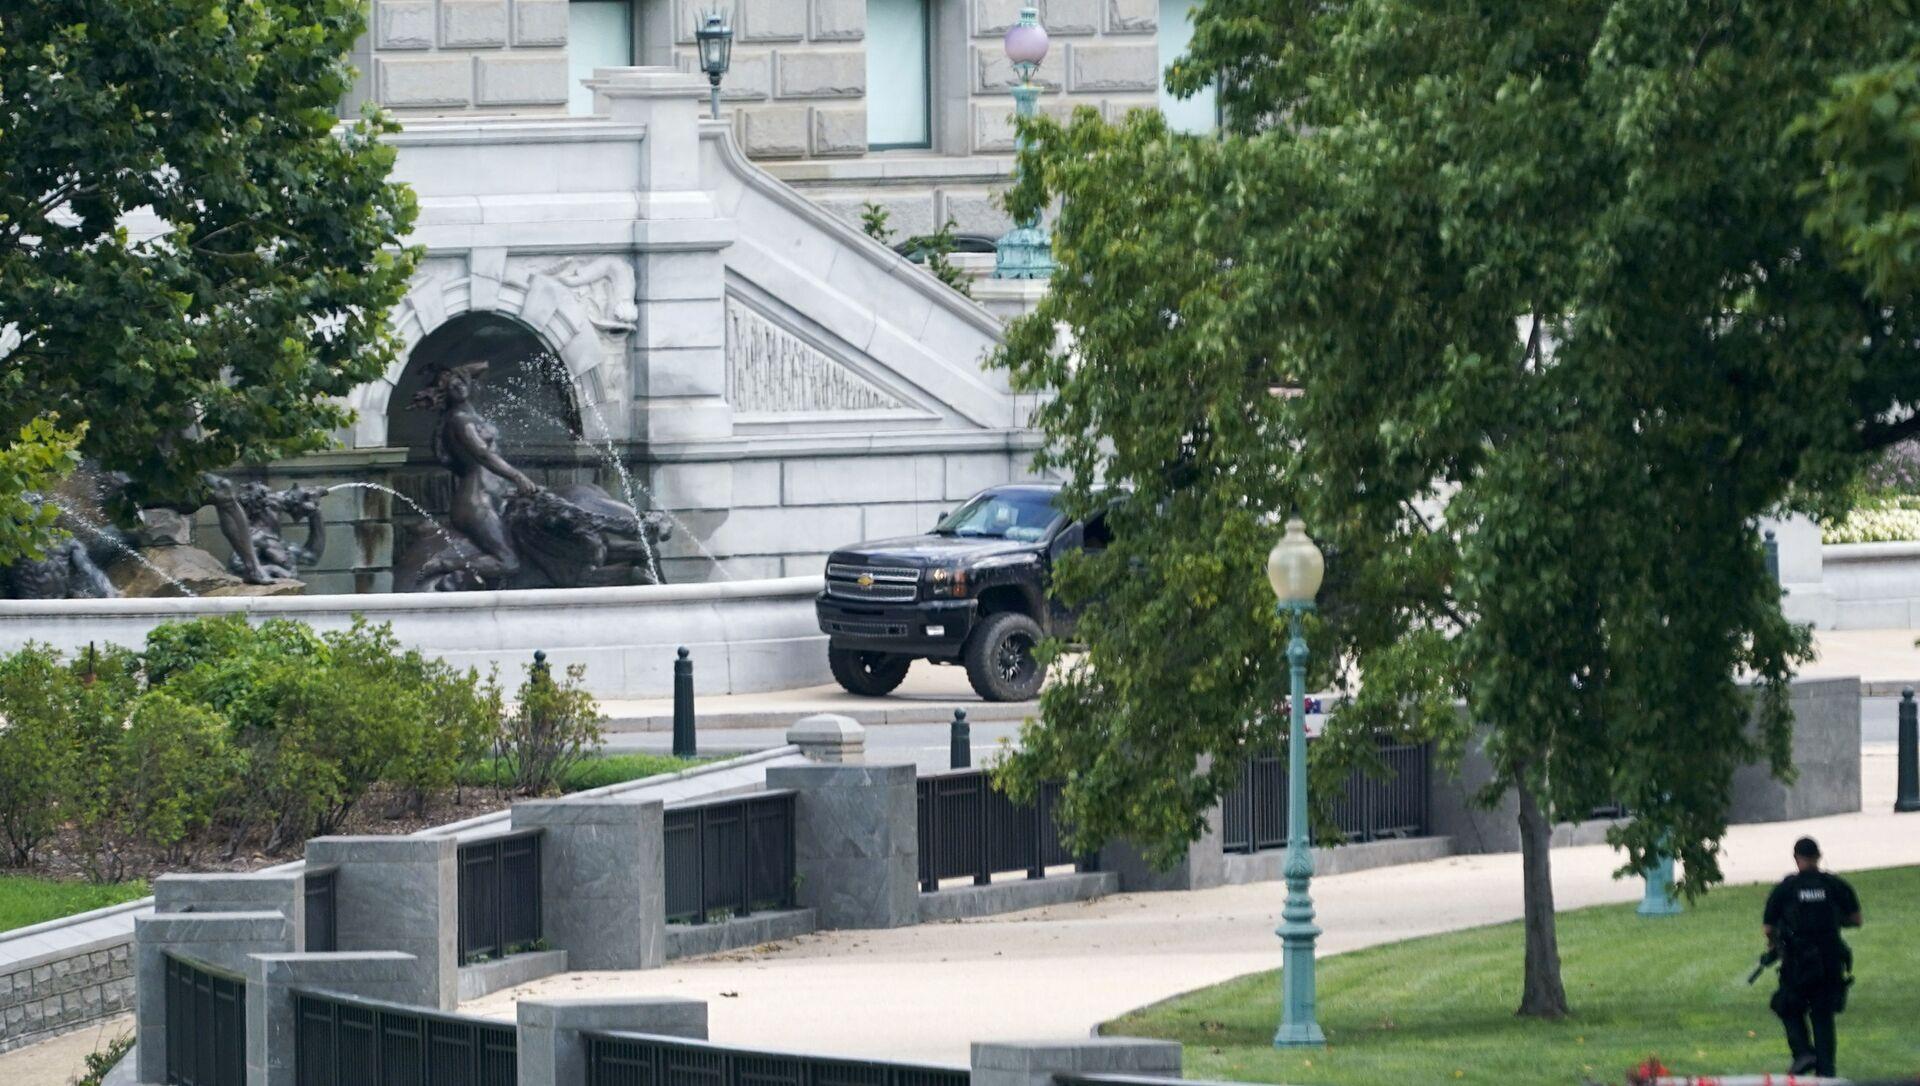 Un homme qui avait menacé de transporter une bombe près du Capitole s'est rendu à la police - Sputnik France, 1920, 19.08.2021